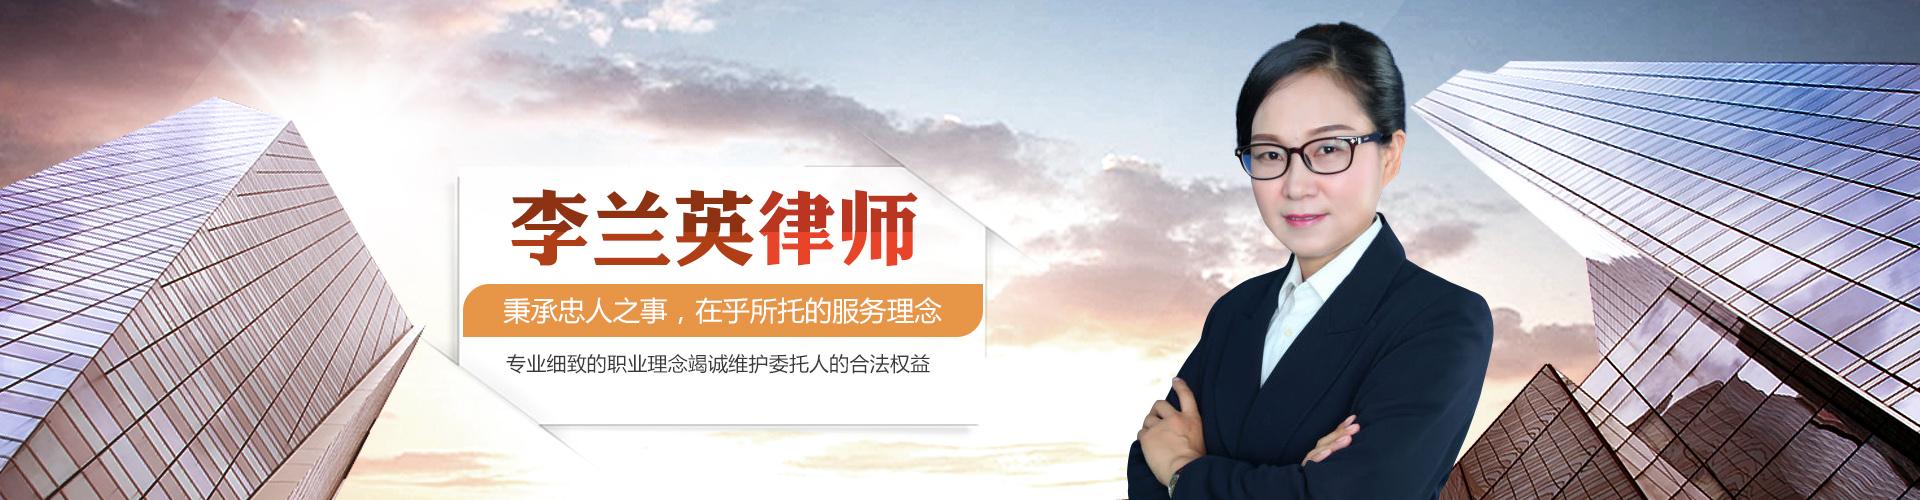 李兰英律师banner